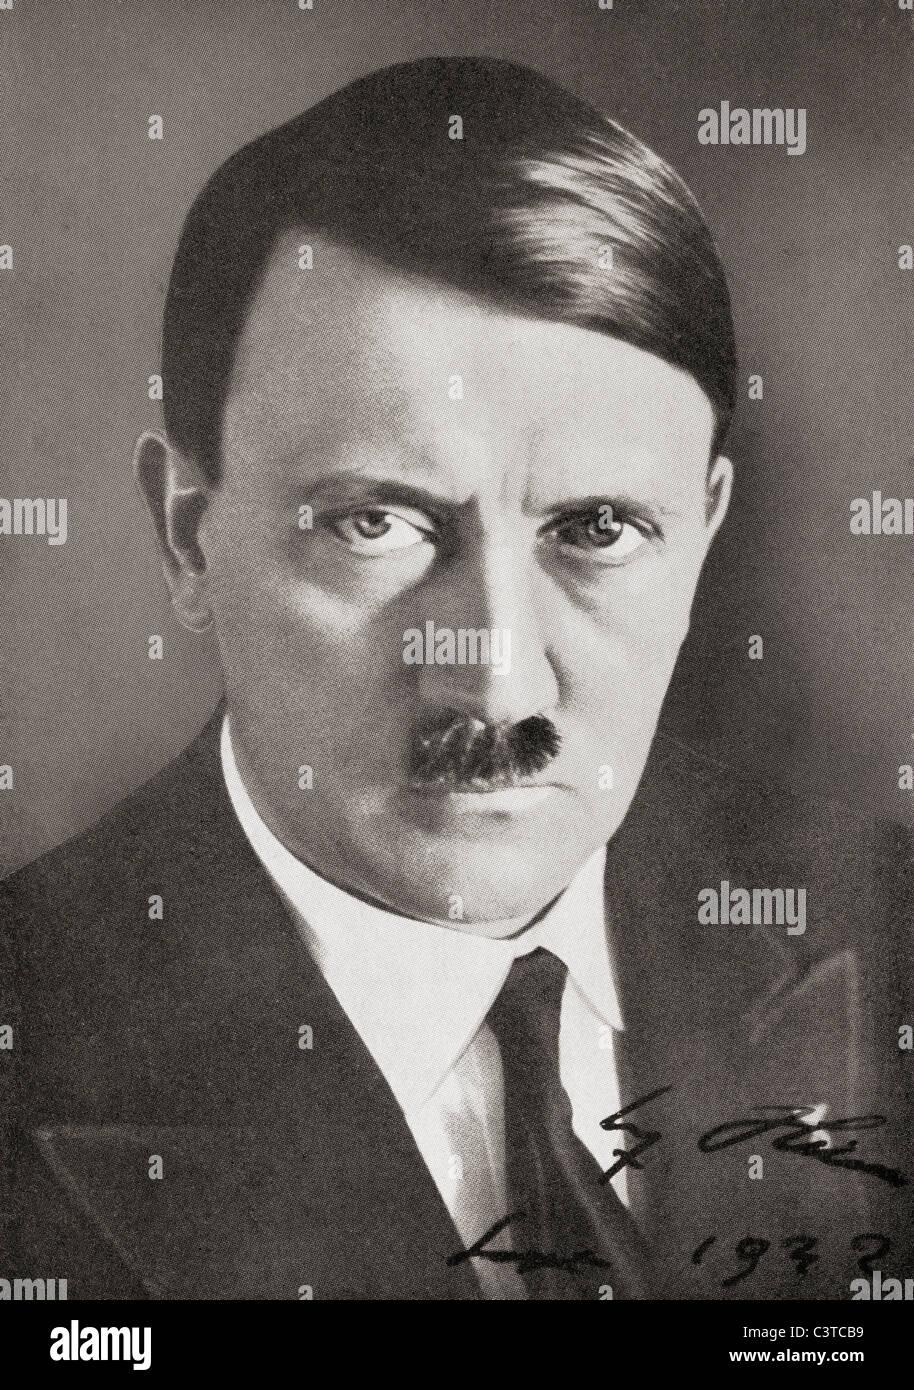 an essay on adolf hitler and the deutsche arbeiterpartei Adolf hitler (20 april 1889 the leader of the nazi party (german: nationalsozialistische deutsche arbeiterpartei.